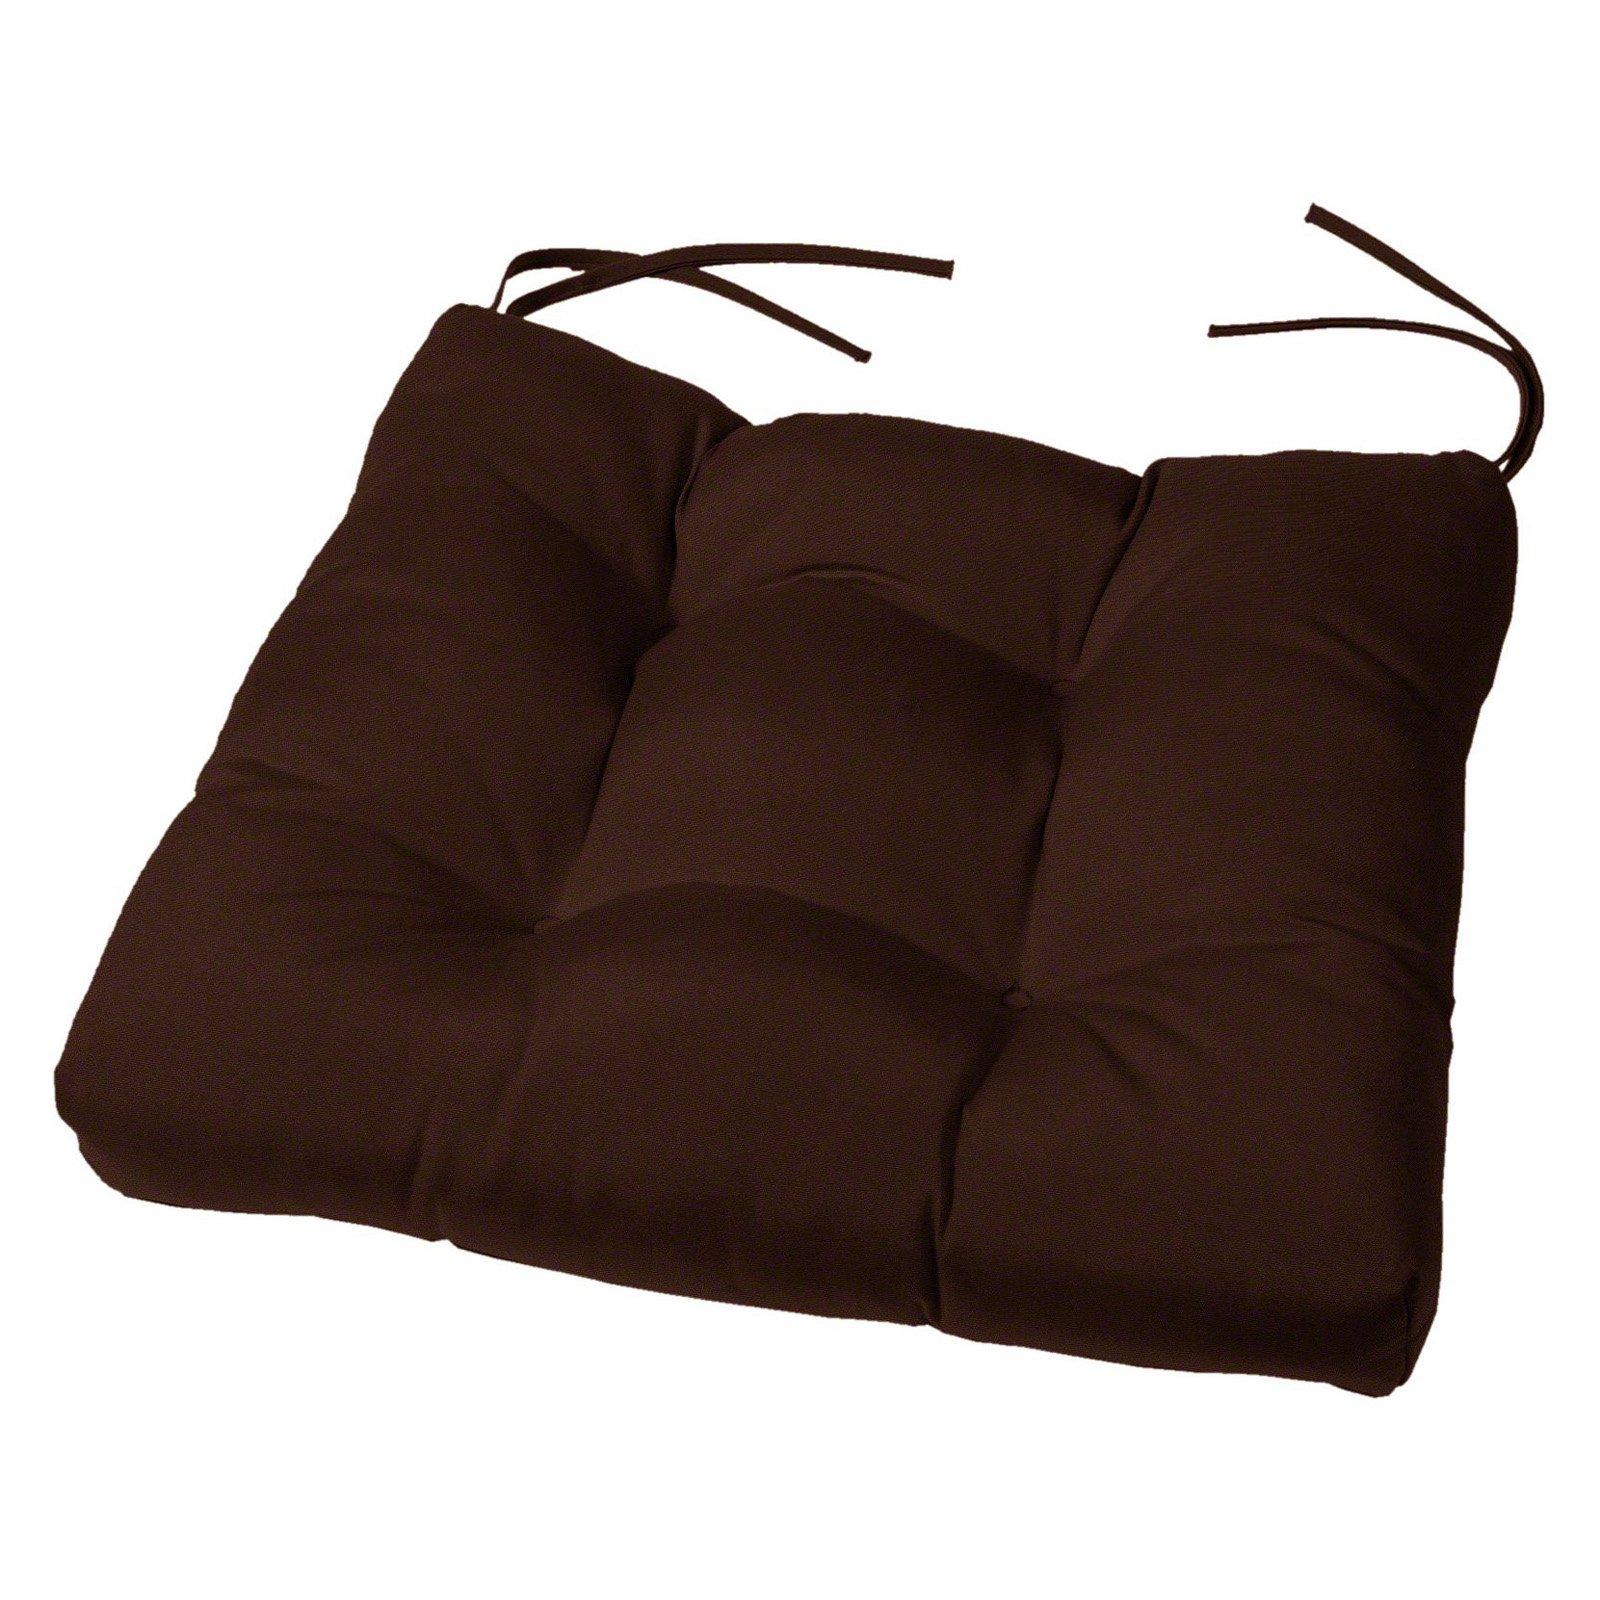 Cushion Source 19 X 18 In Solid Tufted Sunbrella Chair Cushion